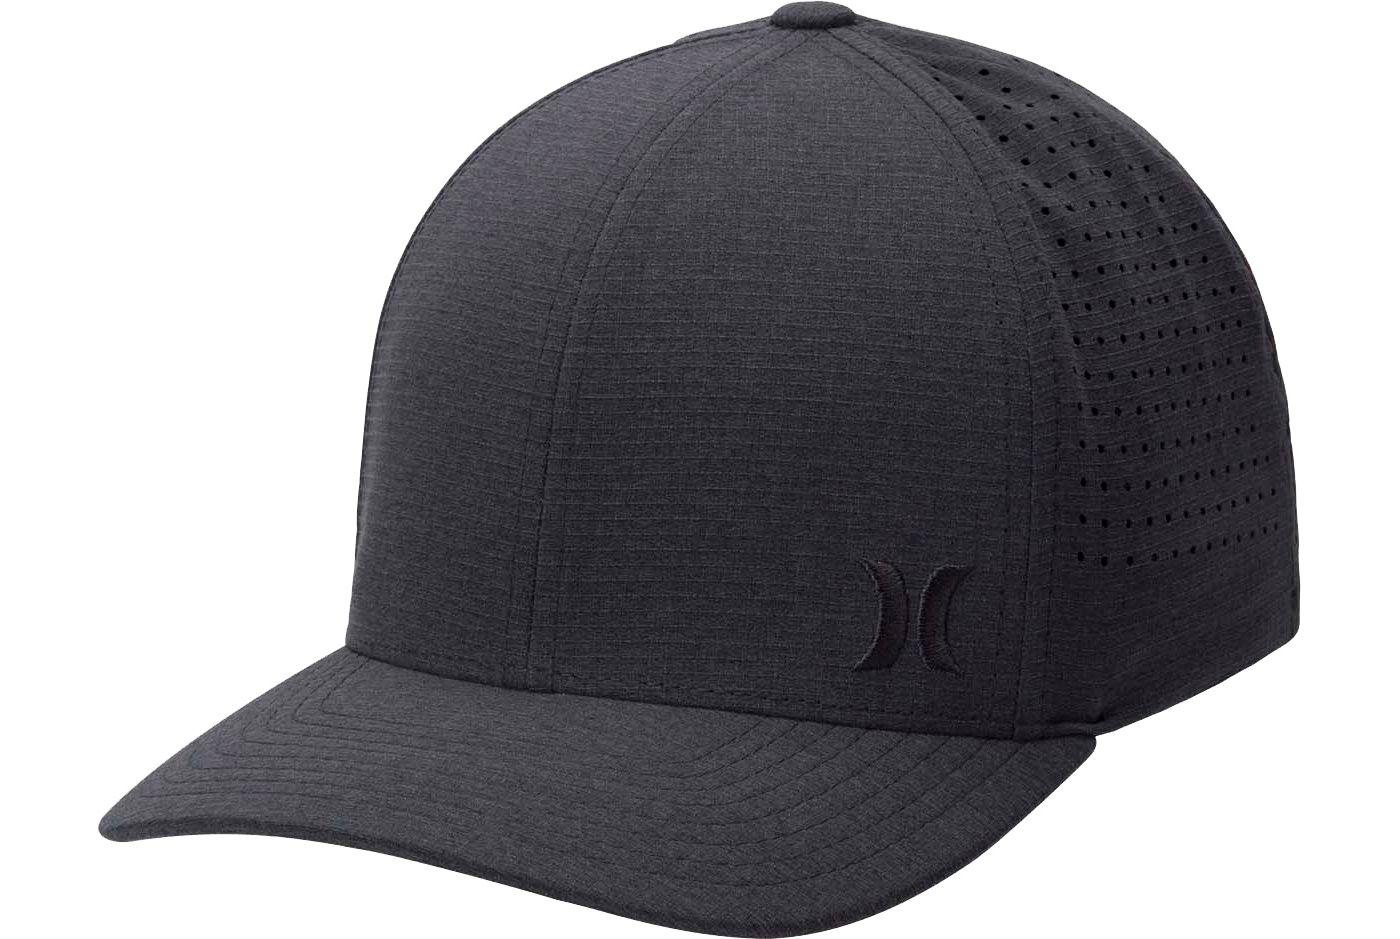 Hurley Men's Phantom Ripstop Hat